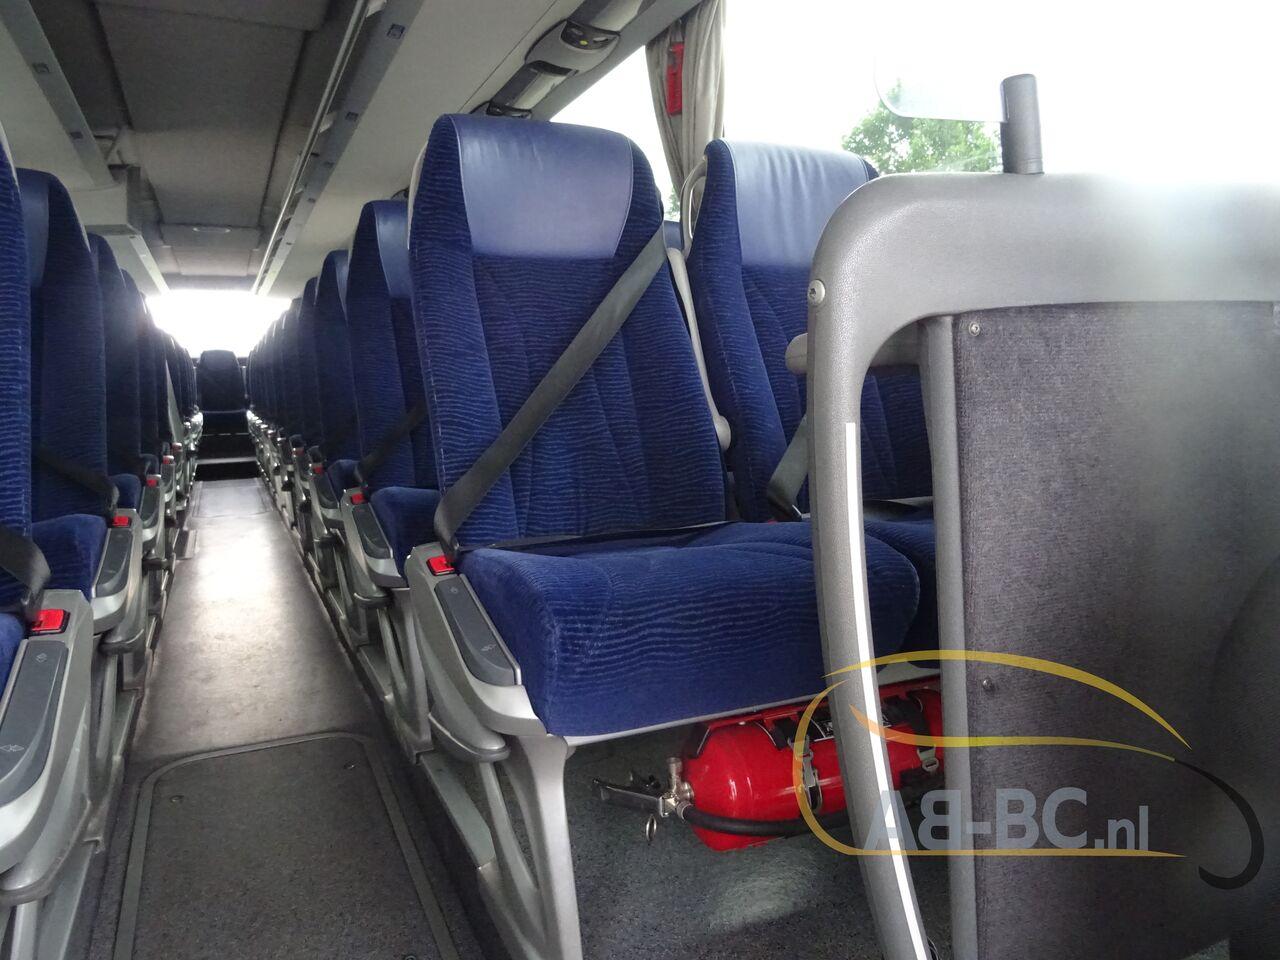 coach-busSETRA-S415-GT-HD-FINAL-EDITION---1627457162928748743_big_ab53ba6a1c01fc4cab6bc19af933945b--21050713010665719300